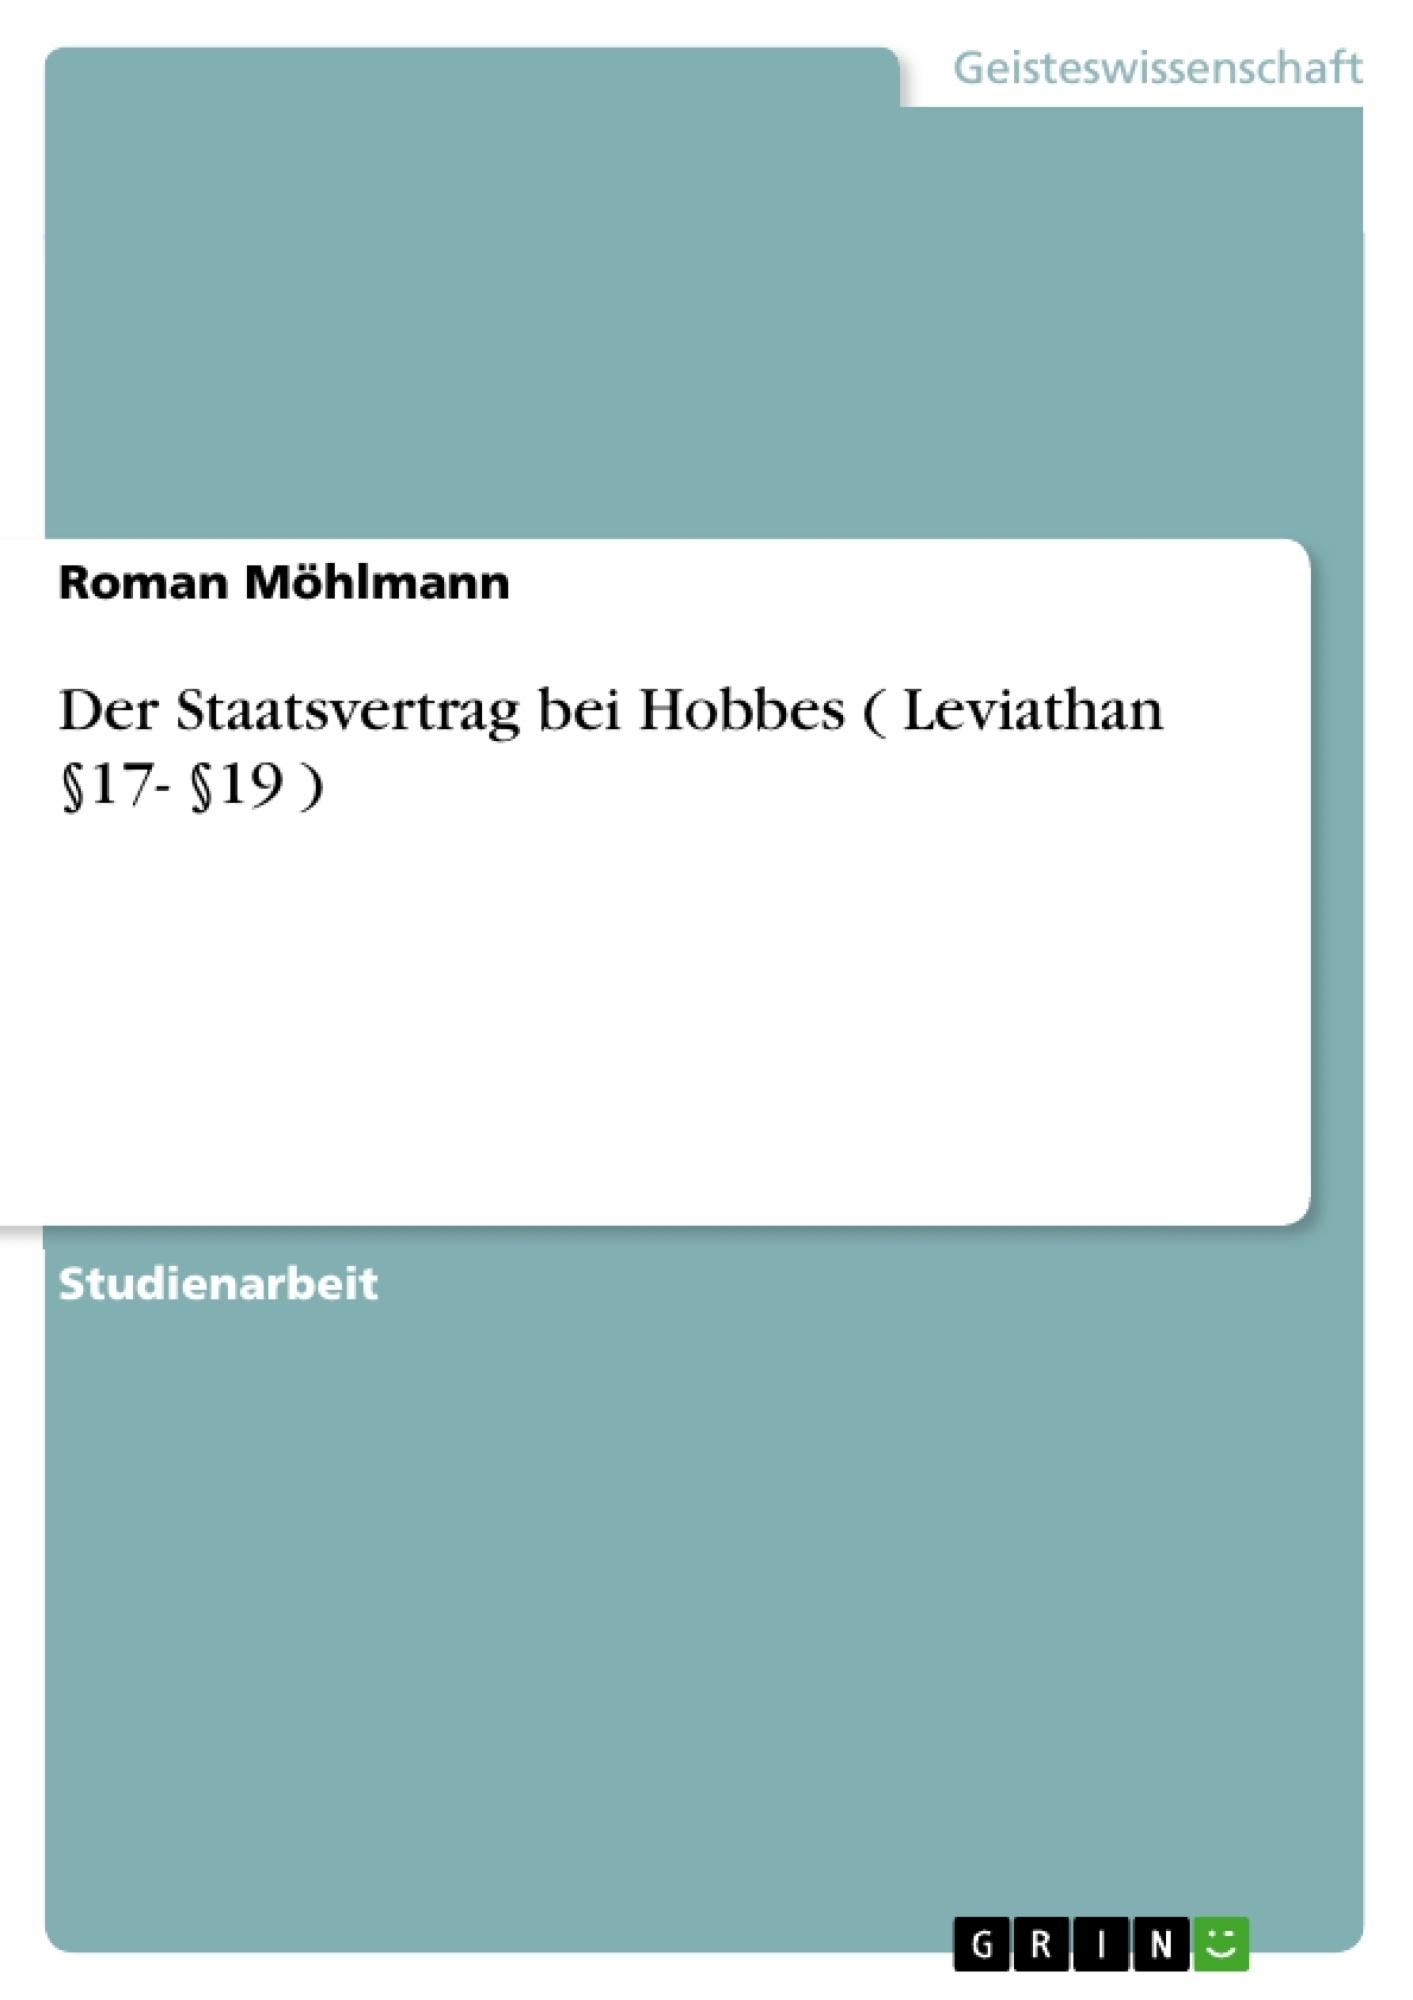 Titel: Der Staatsvertrag bei Hobbes ( Leviathan §17- §19 )